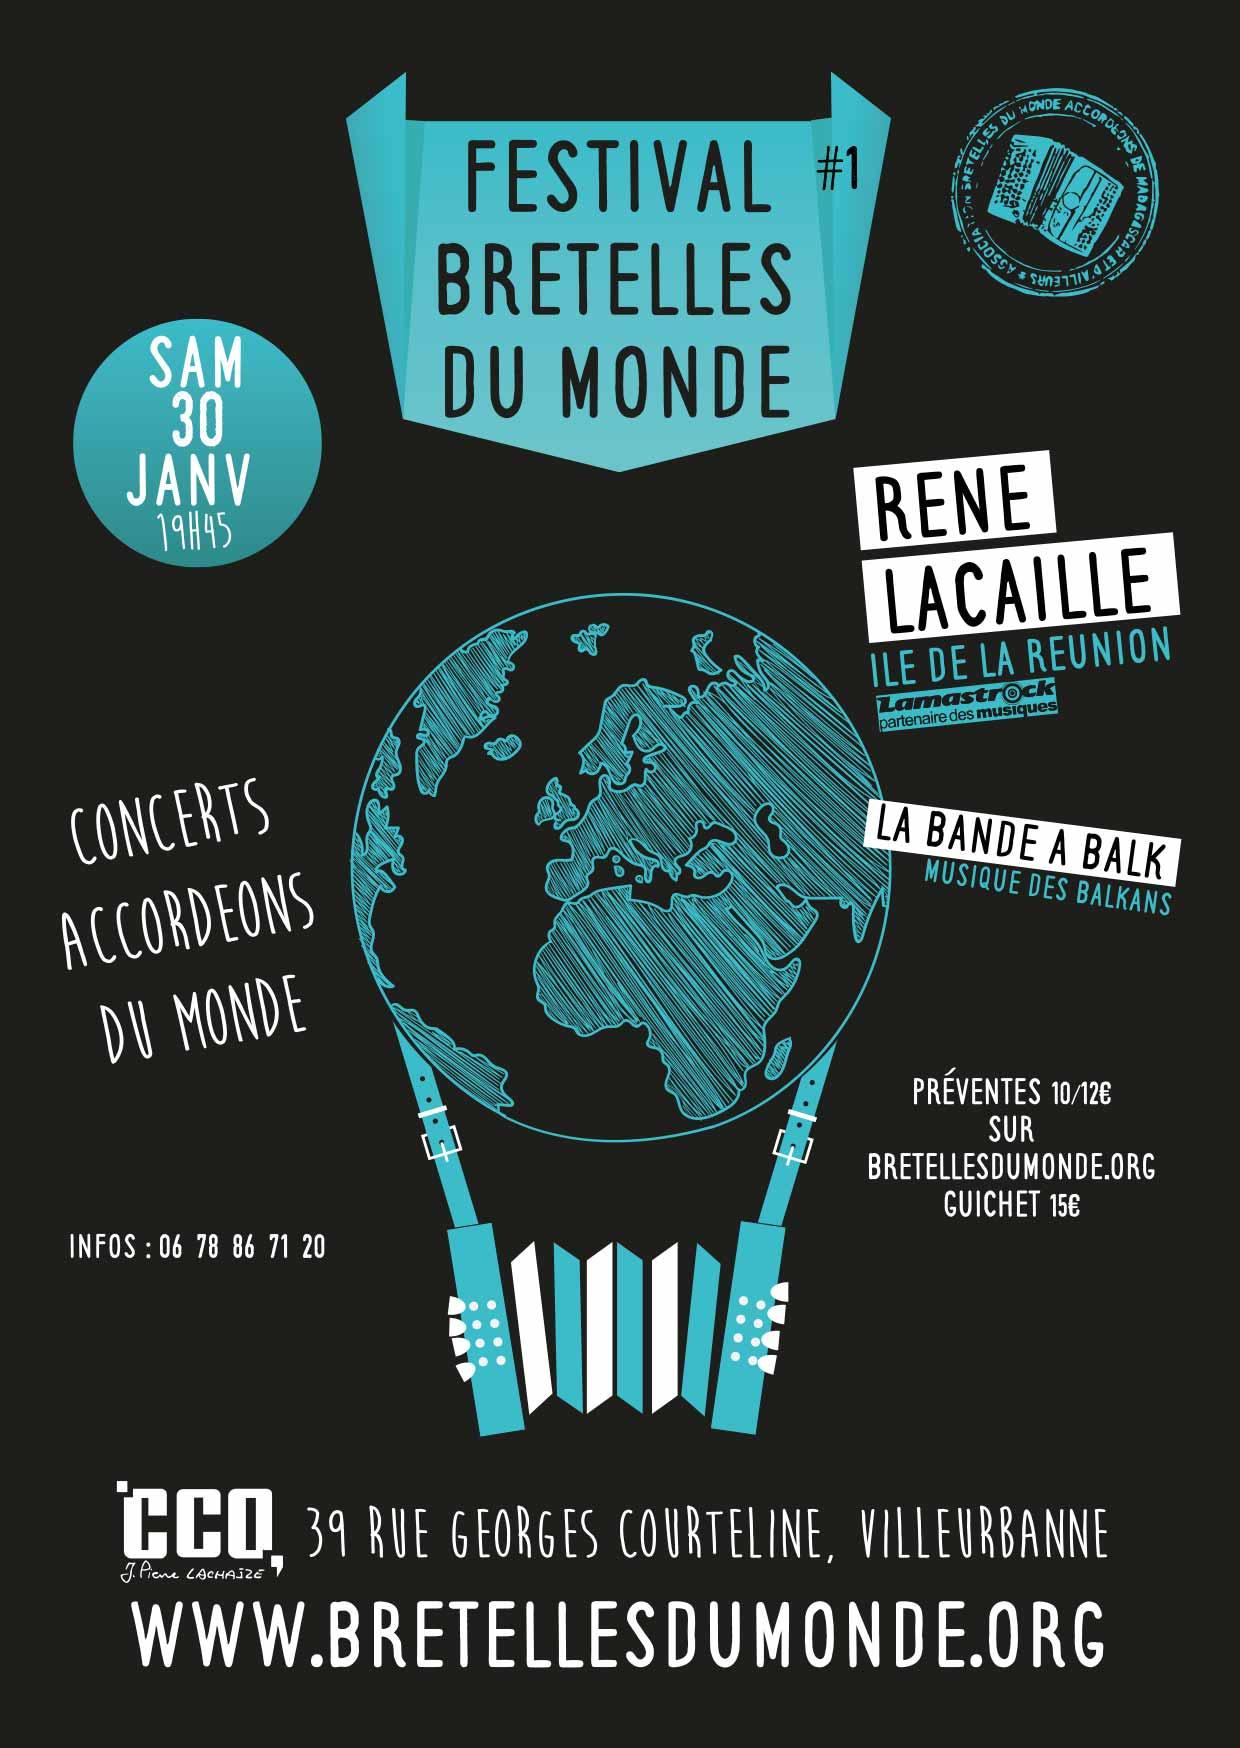 Affiche festival bretelles du monde lyon janvier 2016